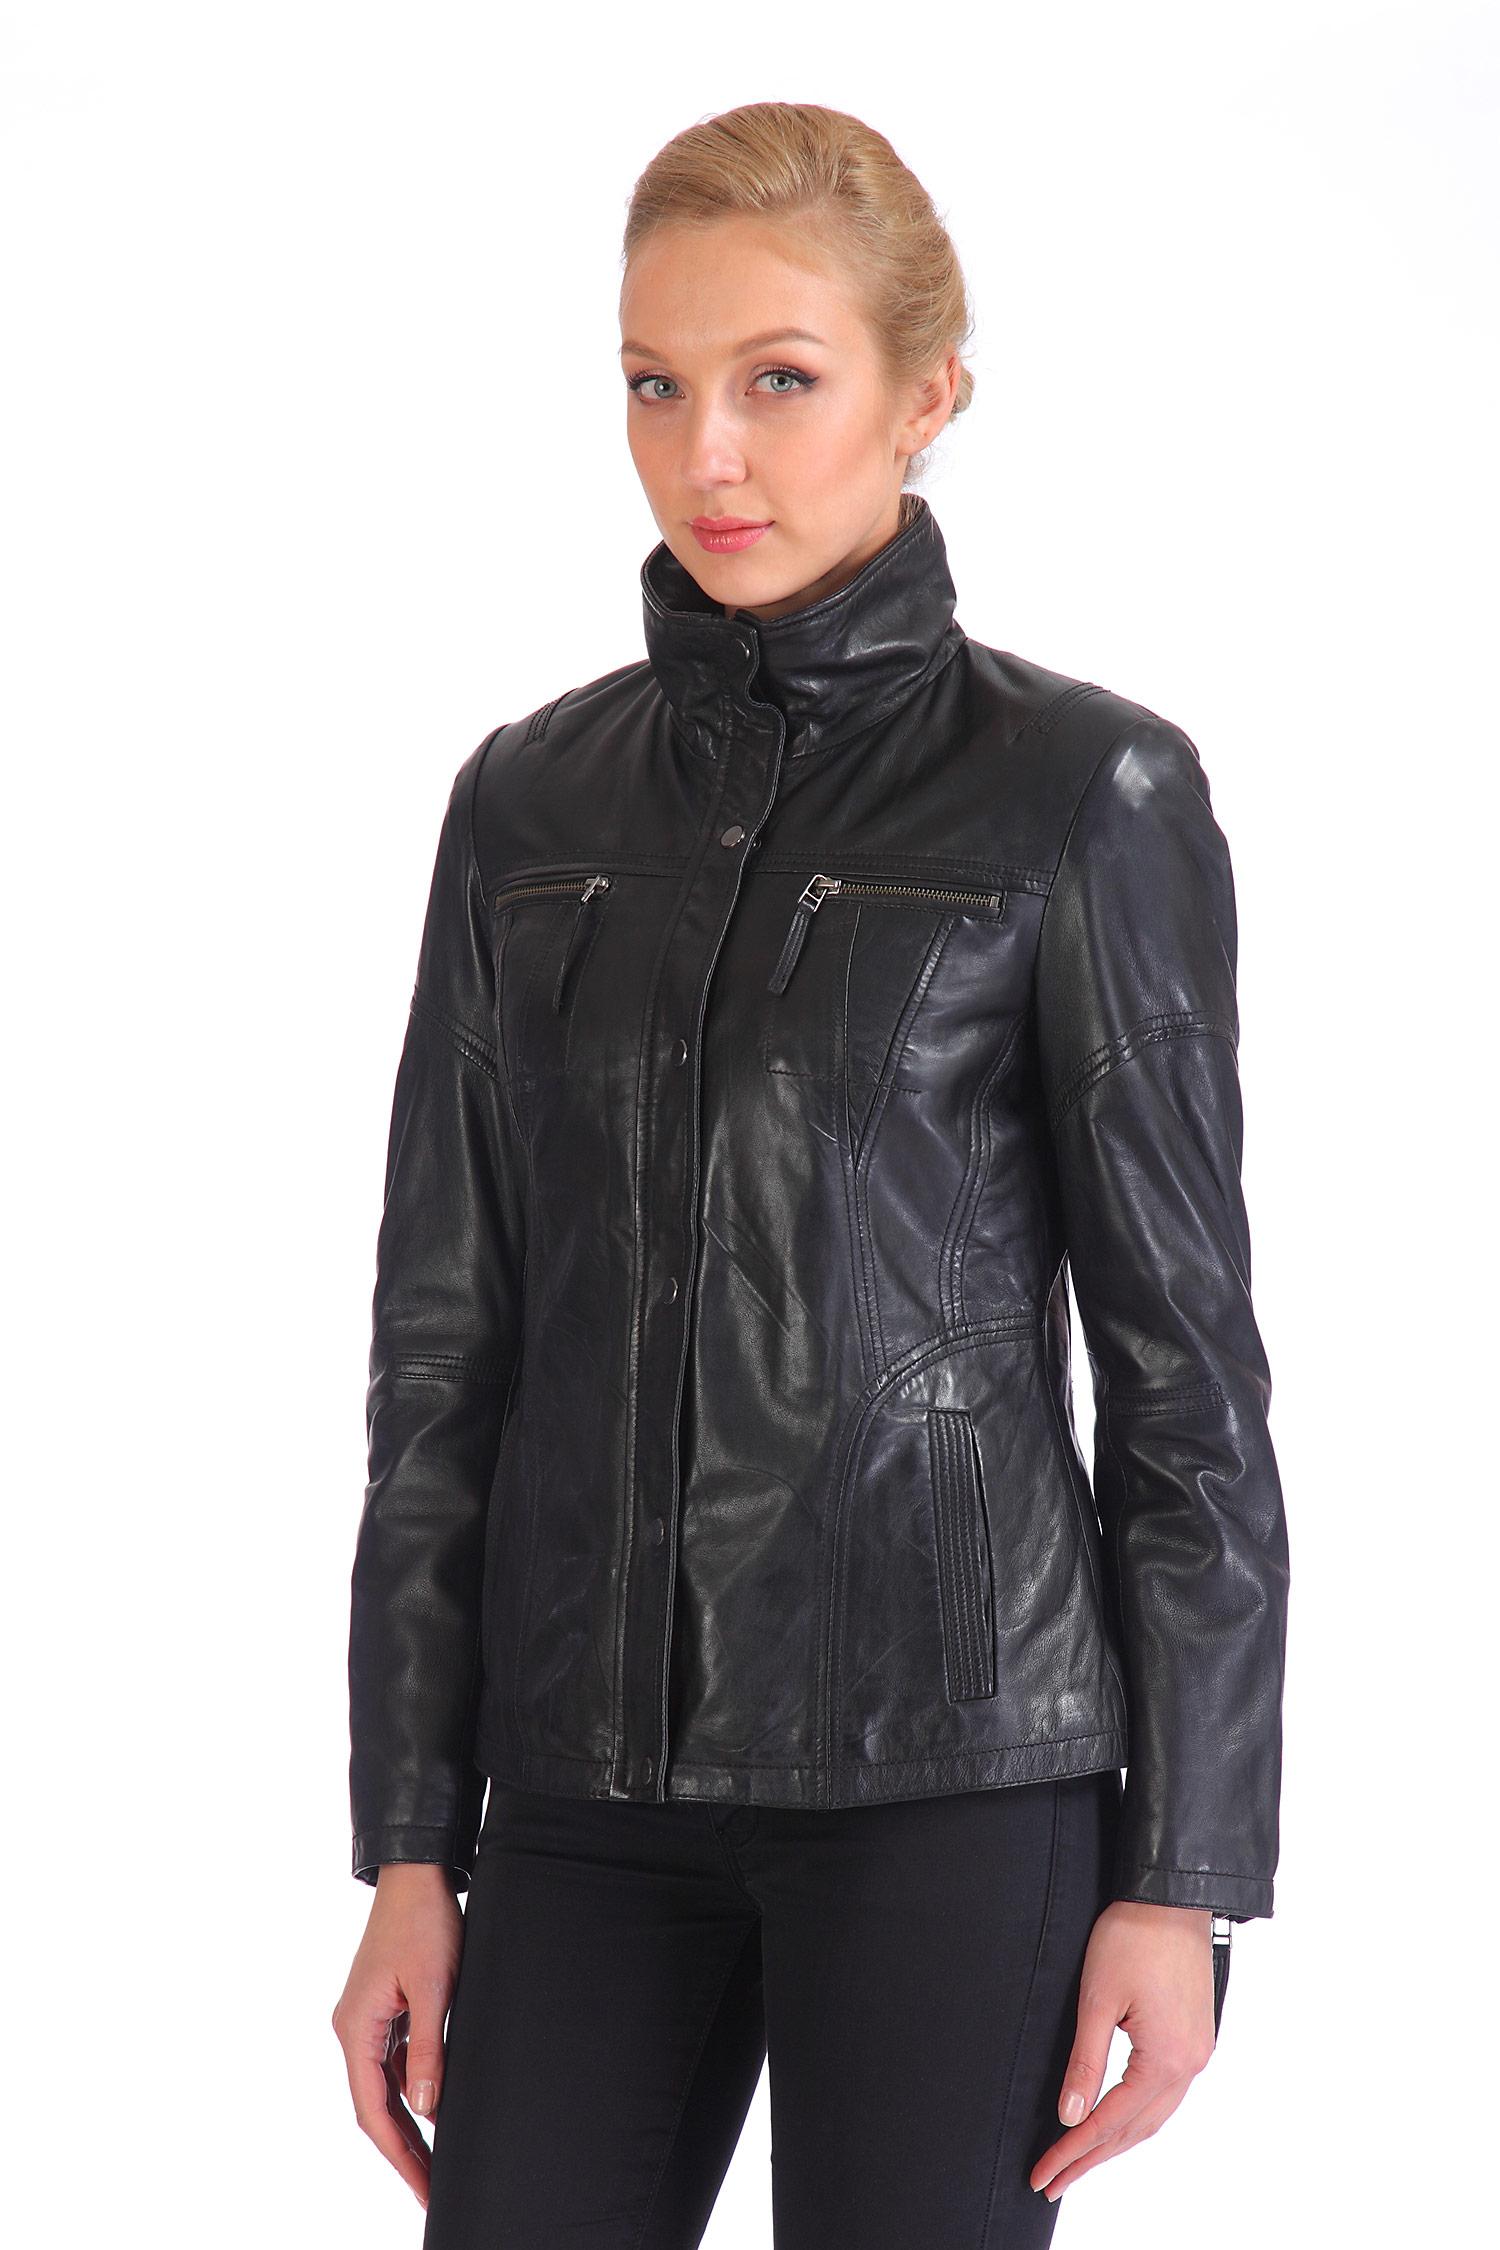 Женская кожаная куртка из натуральной кожи с воротником, без отделки<br><br>Воротник: стойка<br>Длина см: Короткая (51-74 )<br>Материал: Кожа овчина<br>Цвет: черный<br>Застежка: на молнии<br>Пол: Женский<br>Размер RU: 50-52